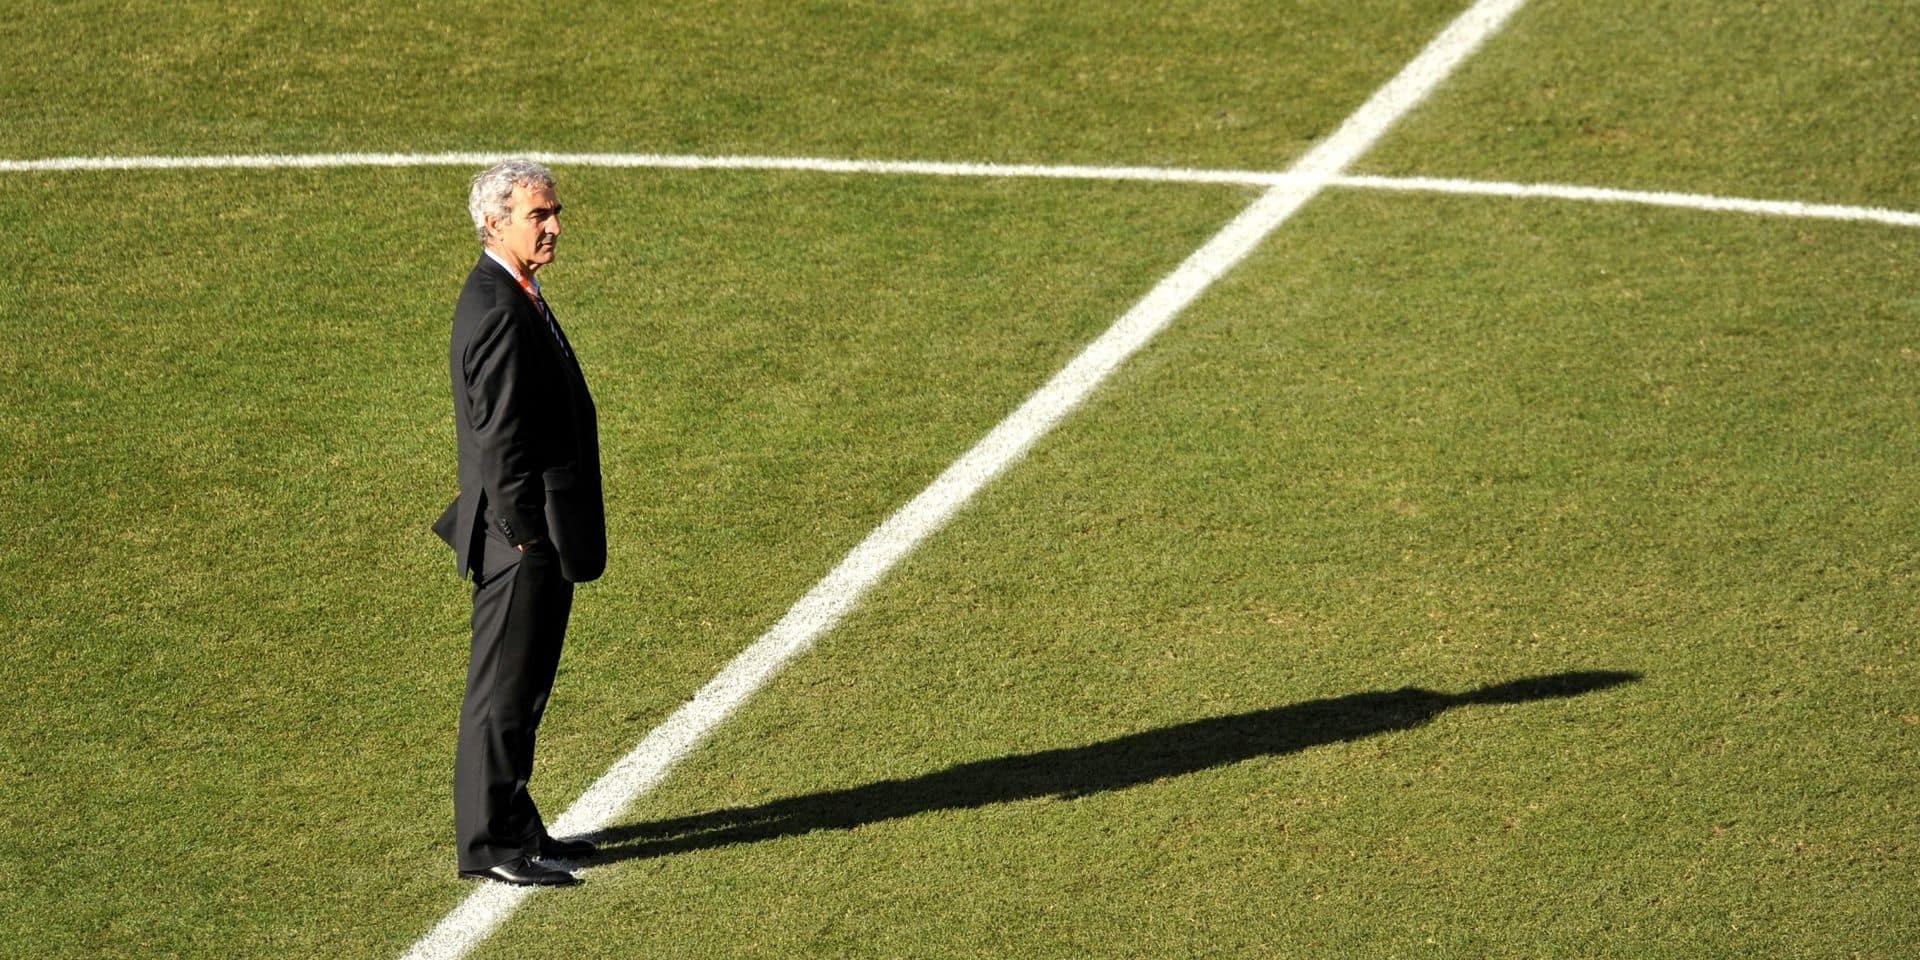 """PSG-Atalanta: Domenech s'en prend à """"la légende des tacticiens italiens"""", un journaliste le remet à sa place"""